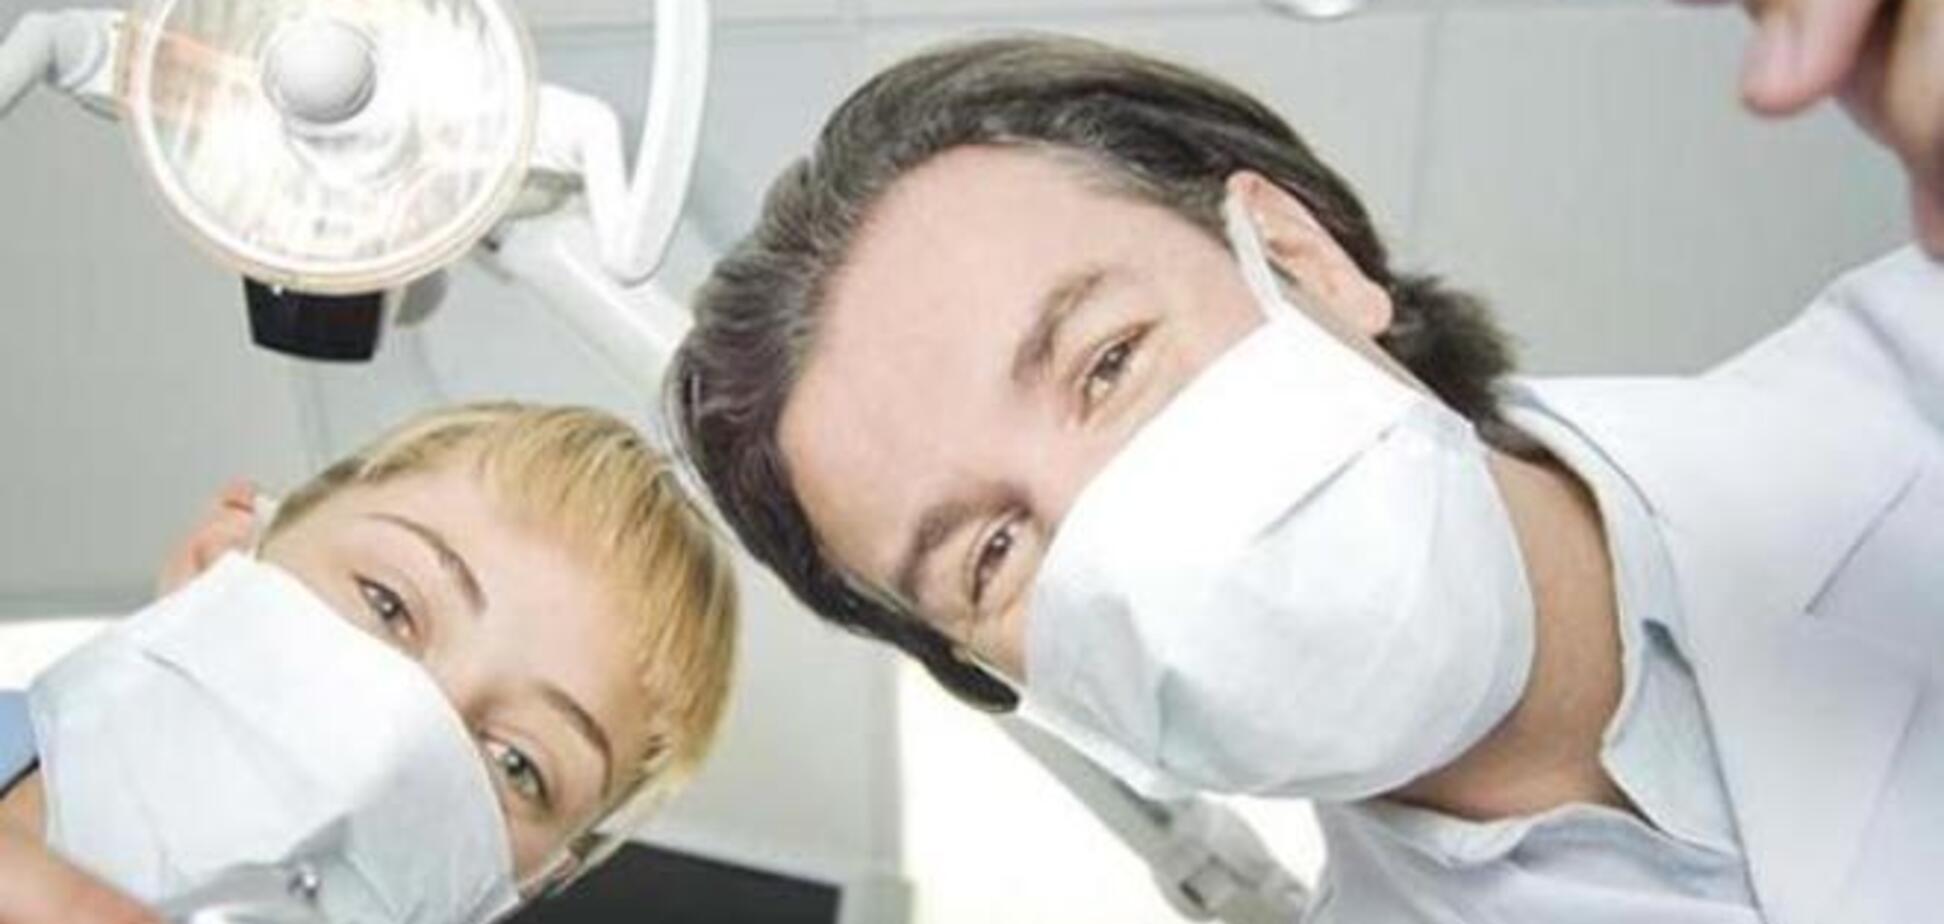 В США после удаления зуба мудрости юношу заживо съели плотоядные бактерии